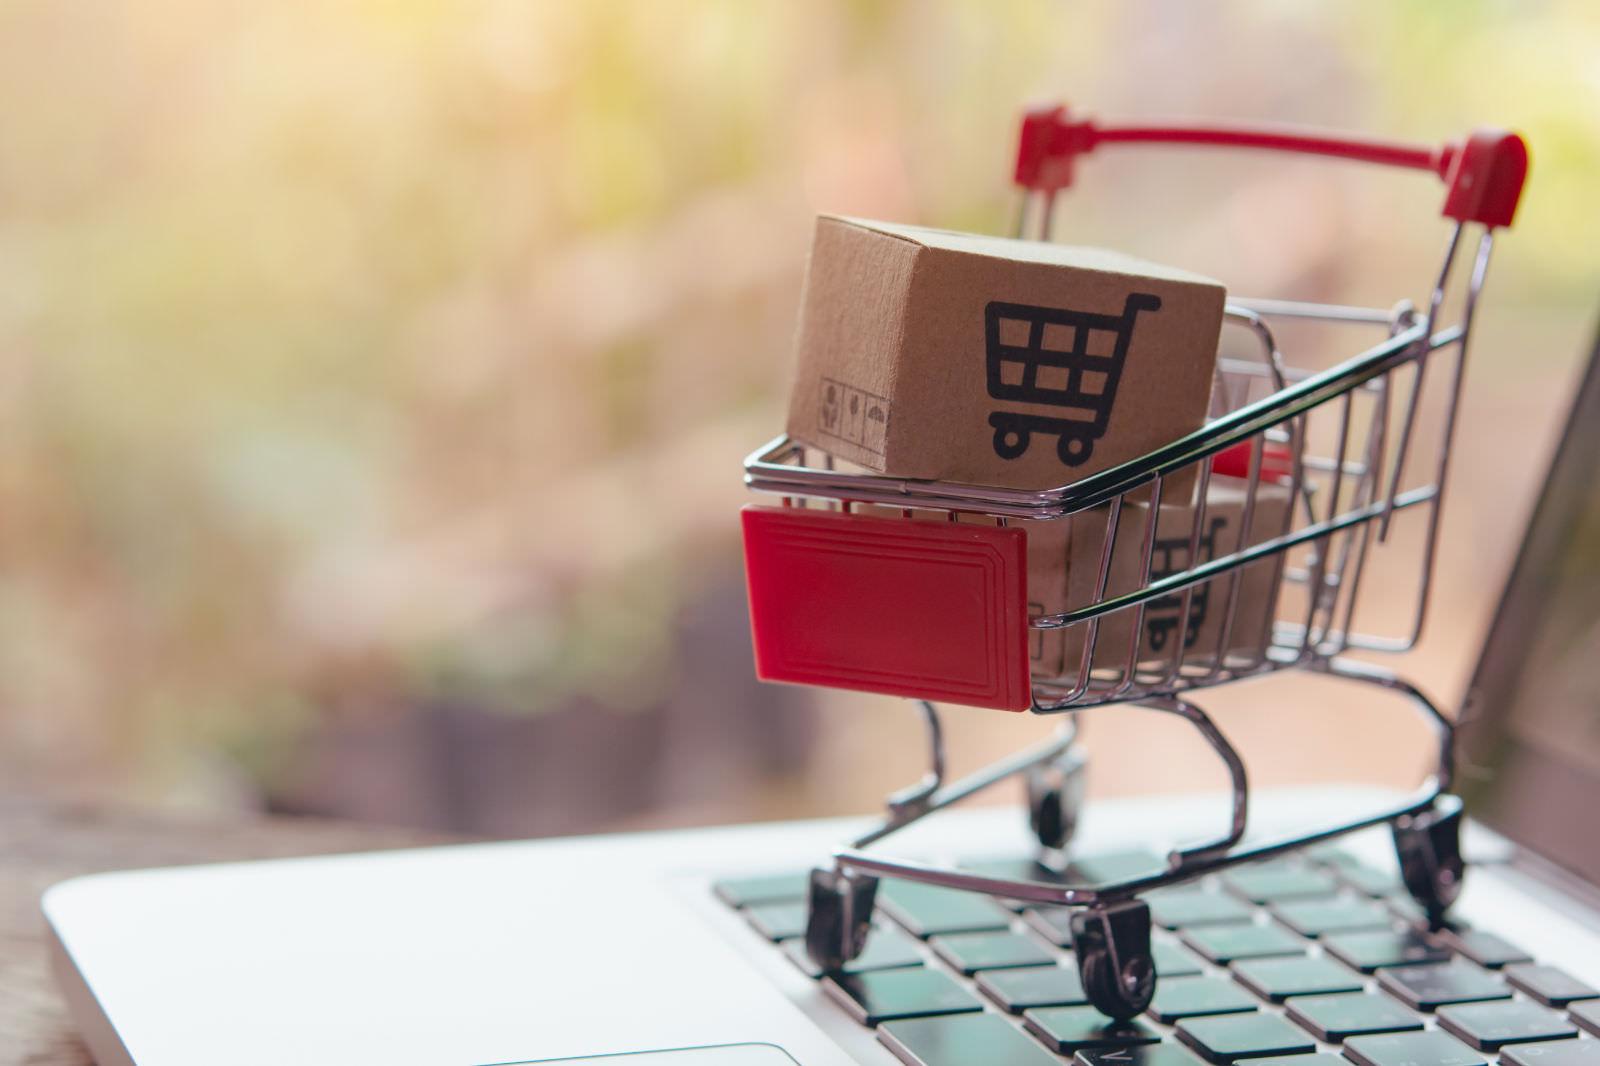 Comparatori di prezzi: perché sono importanti per ottenere traffico nel tuo e-commerce